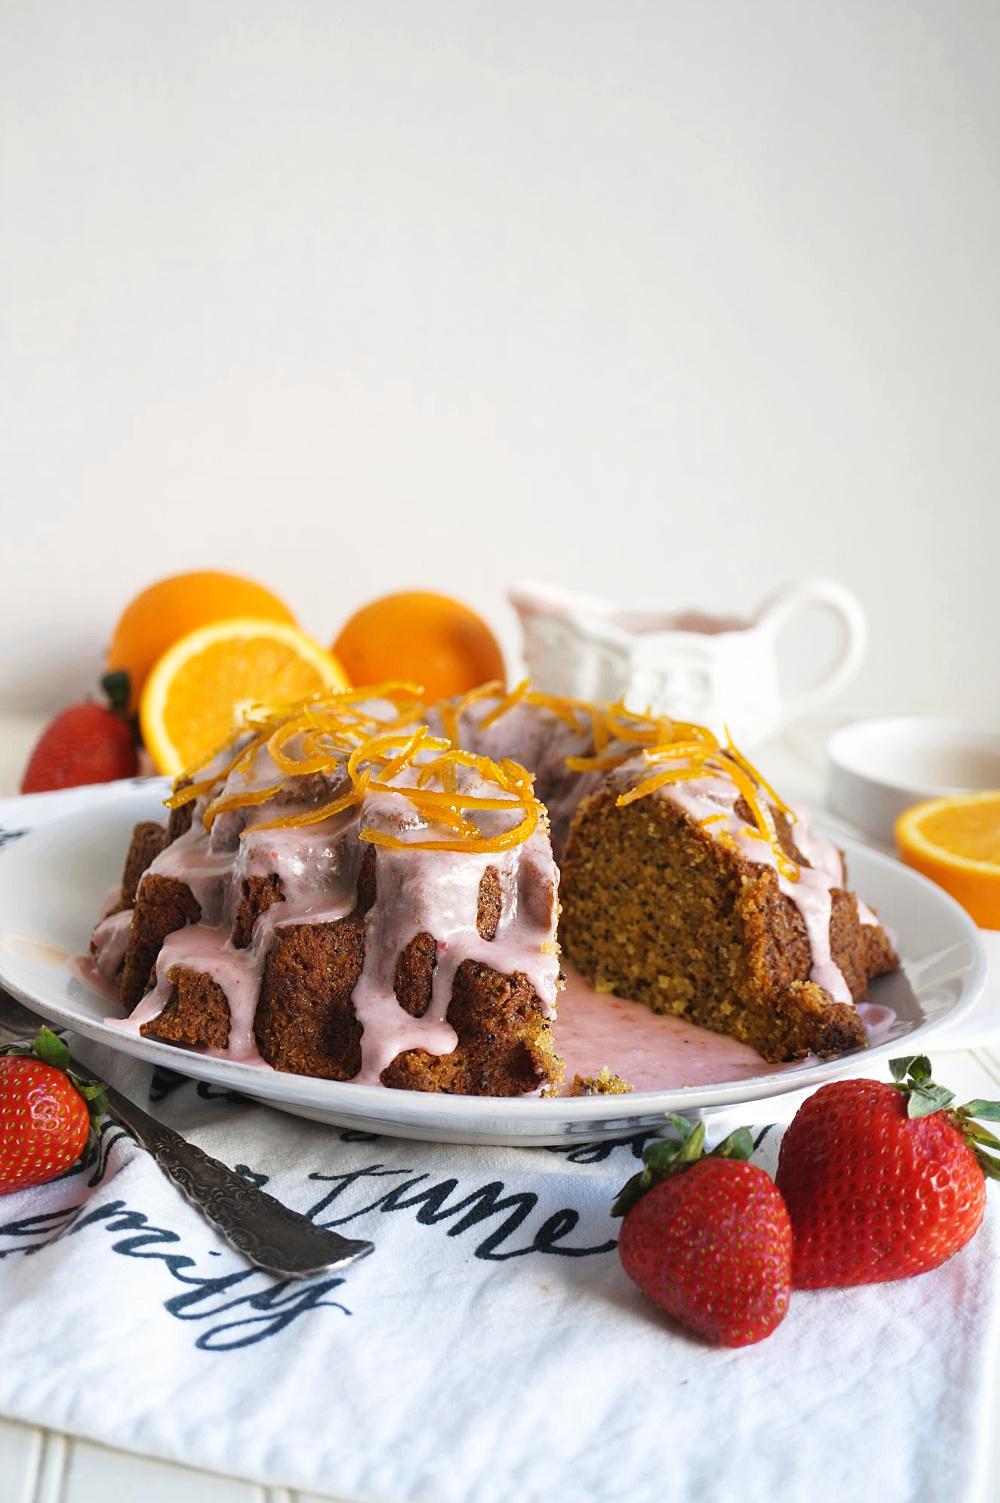 orange poppyseed bundt cake with slice cut